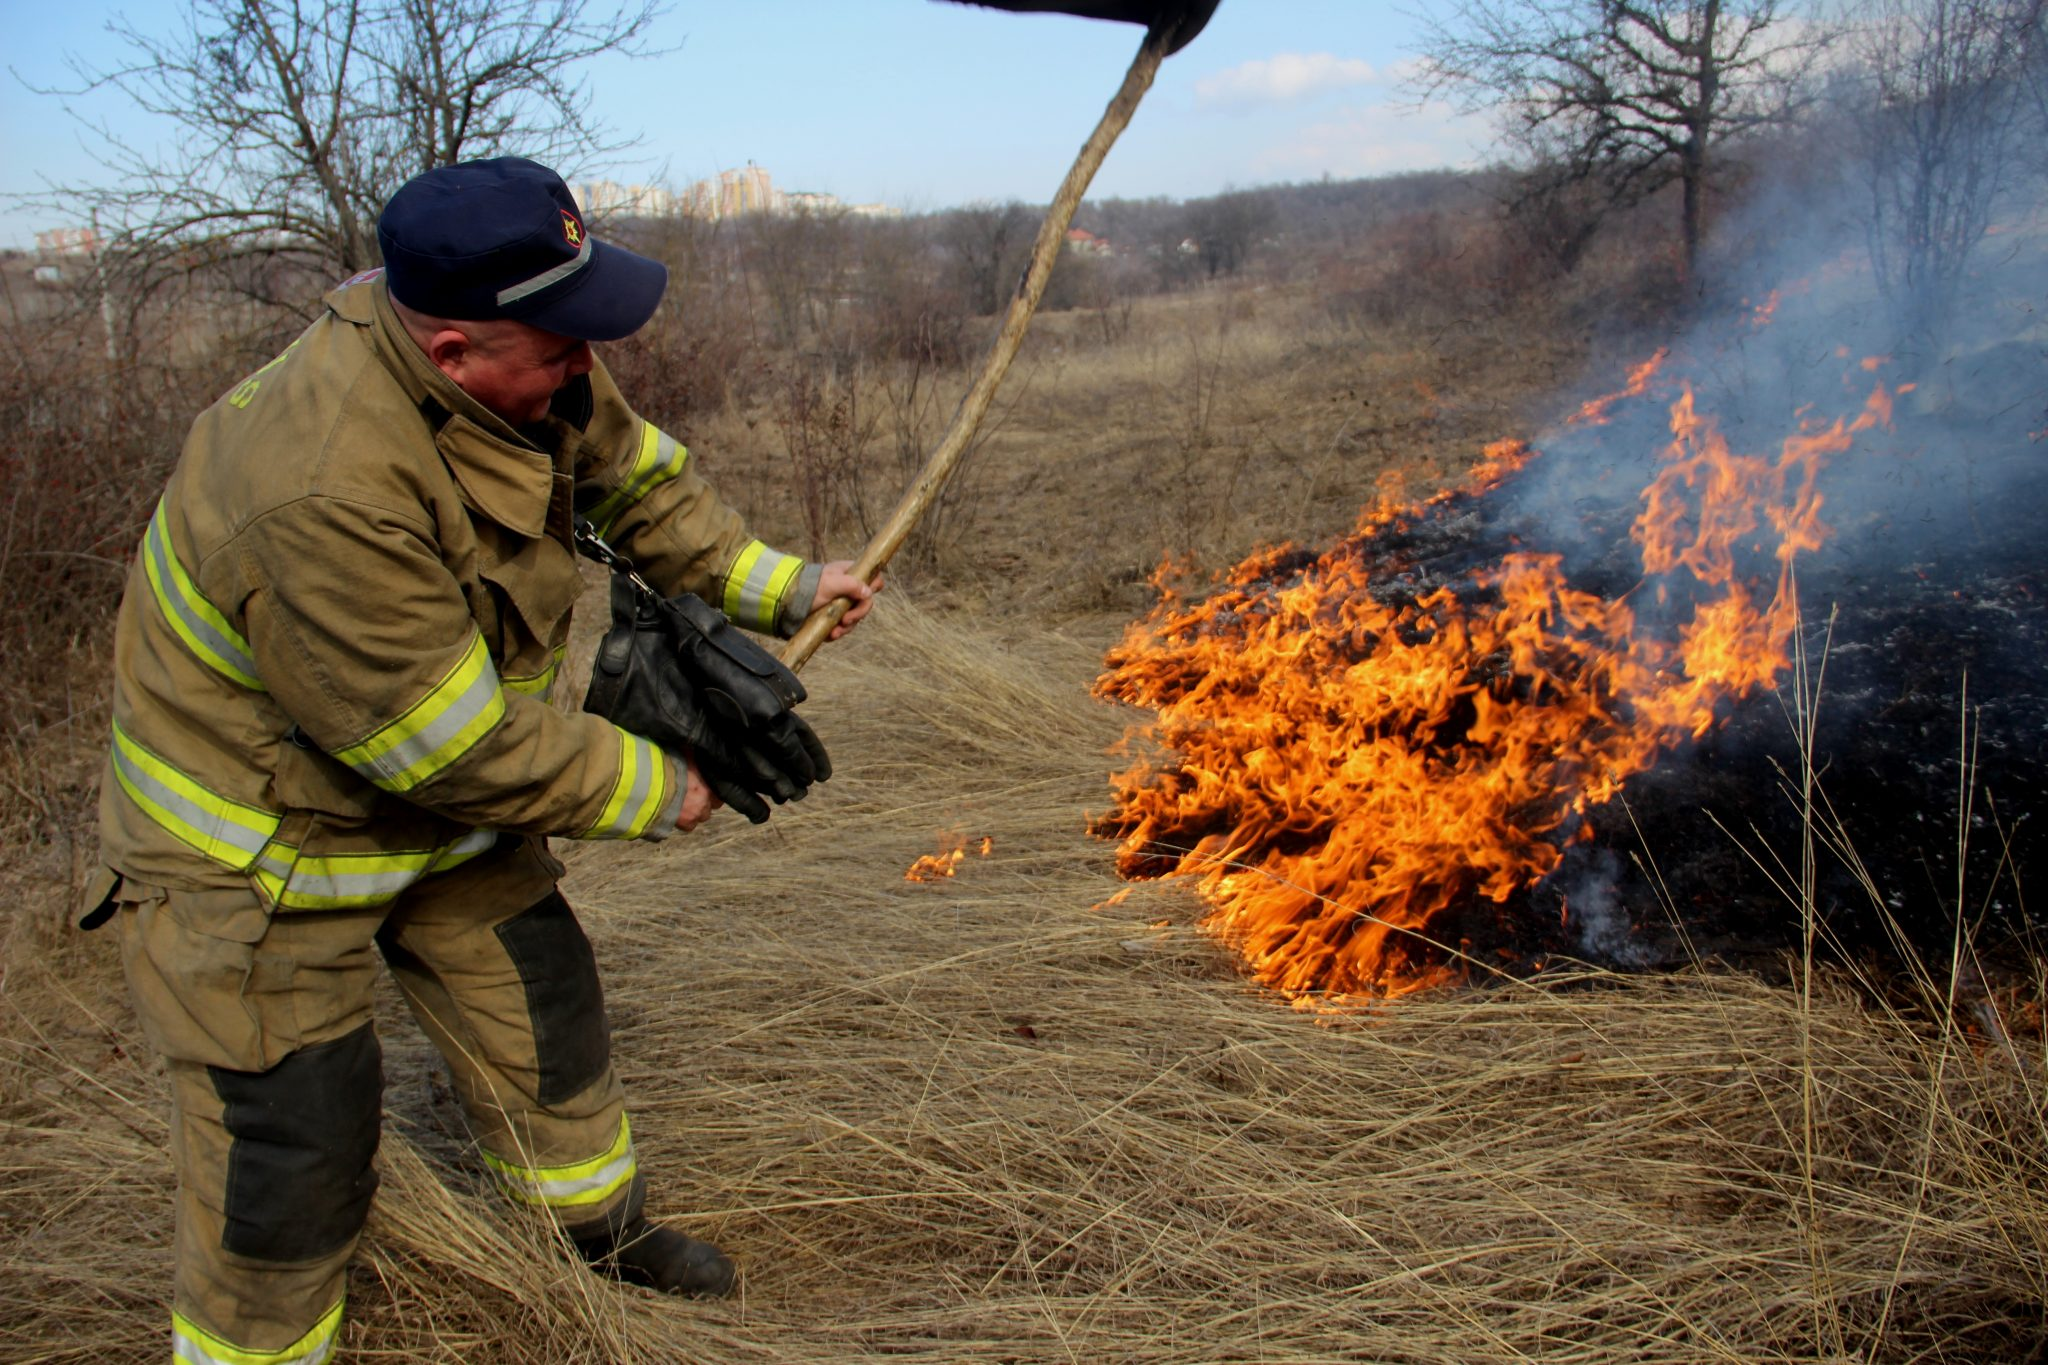 Peste 70 de intervenții ale pompierilor la lichidarea focarelor de vegetație în ultimele 24 ore